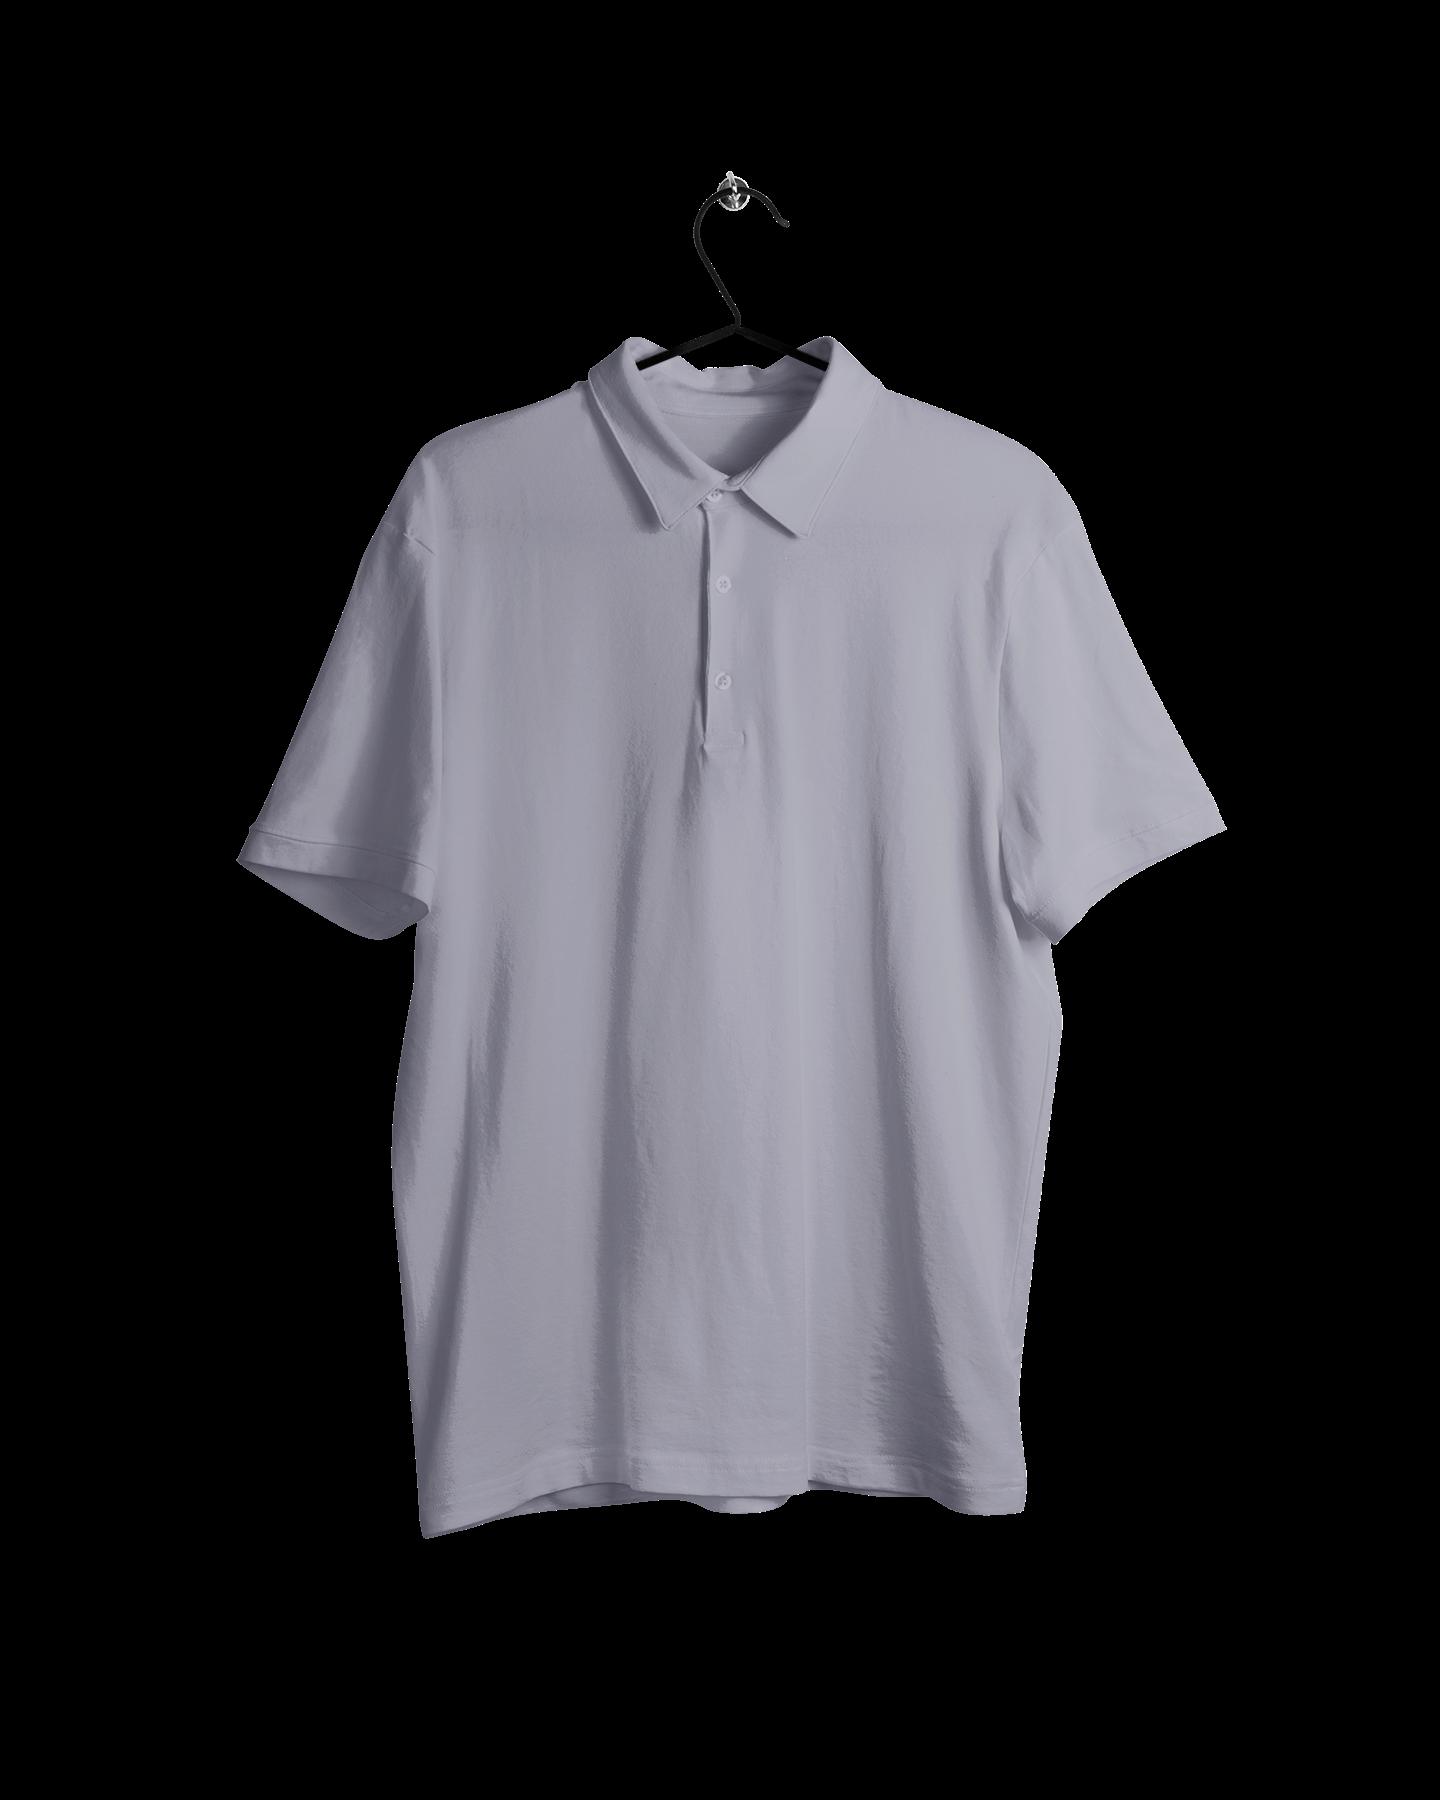 asılmış polo yaka tişört